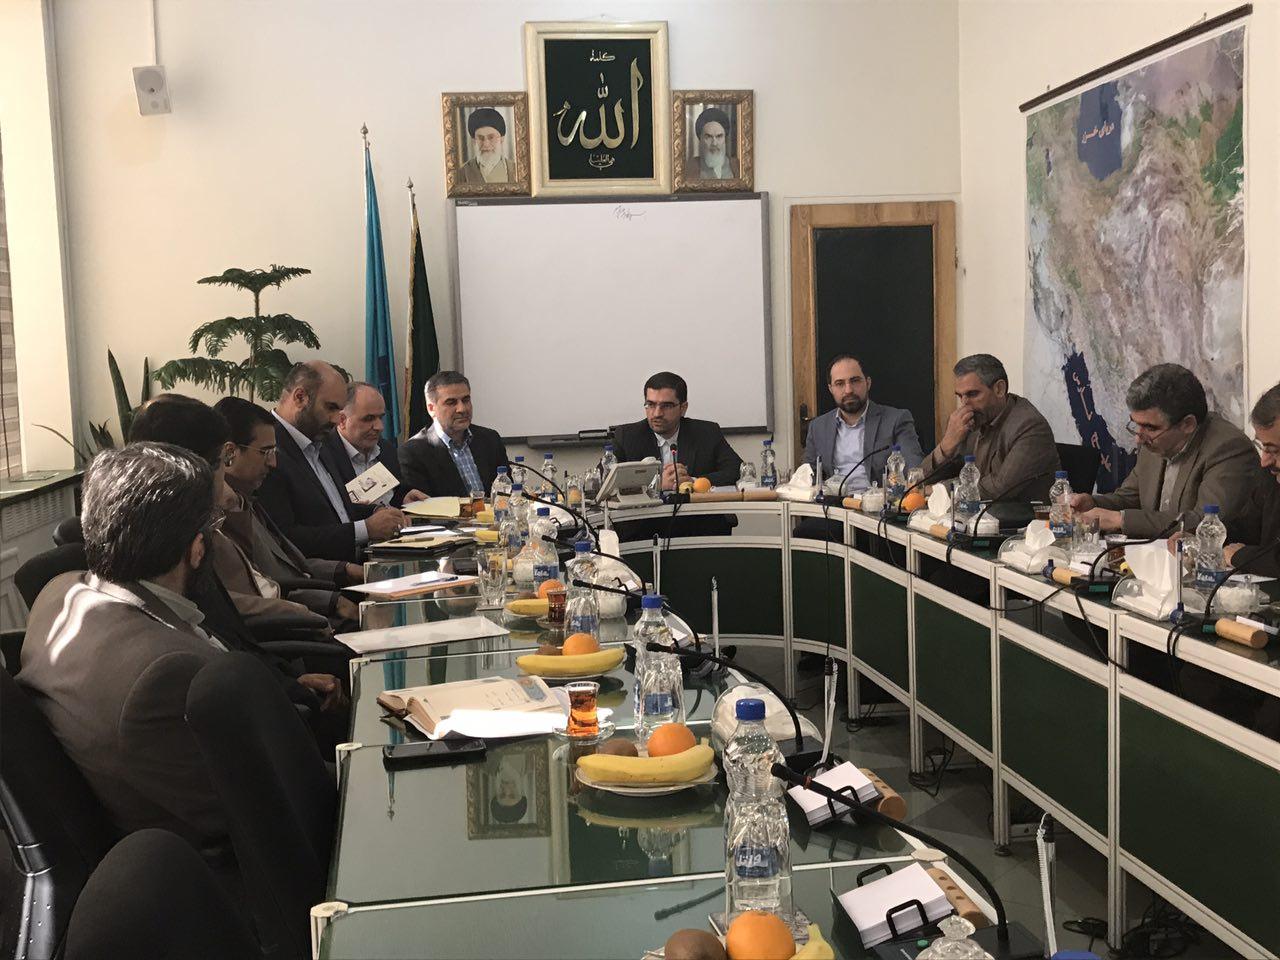 جلسه کمیسیون تبلیغات ریاست جمهوری با نماینده پنج نامزد برگزار شد/ غیبت نماینده